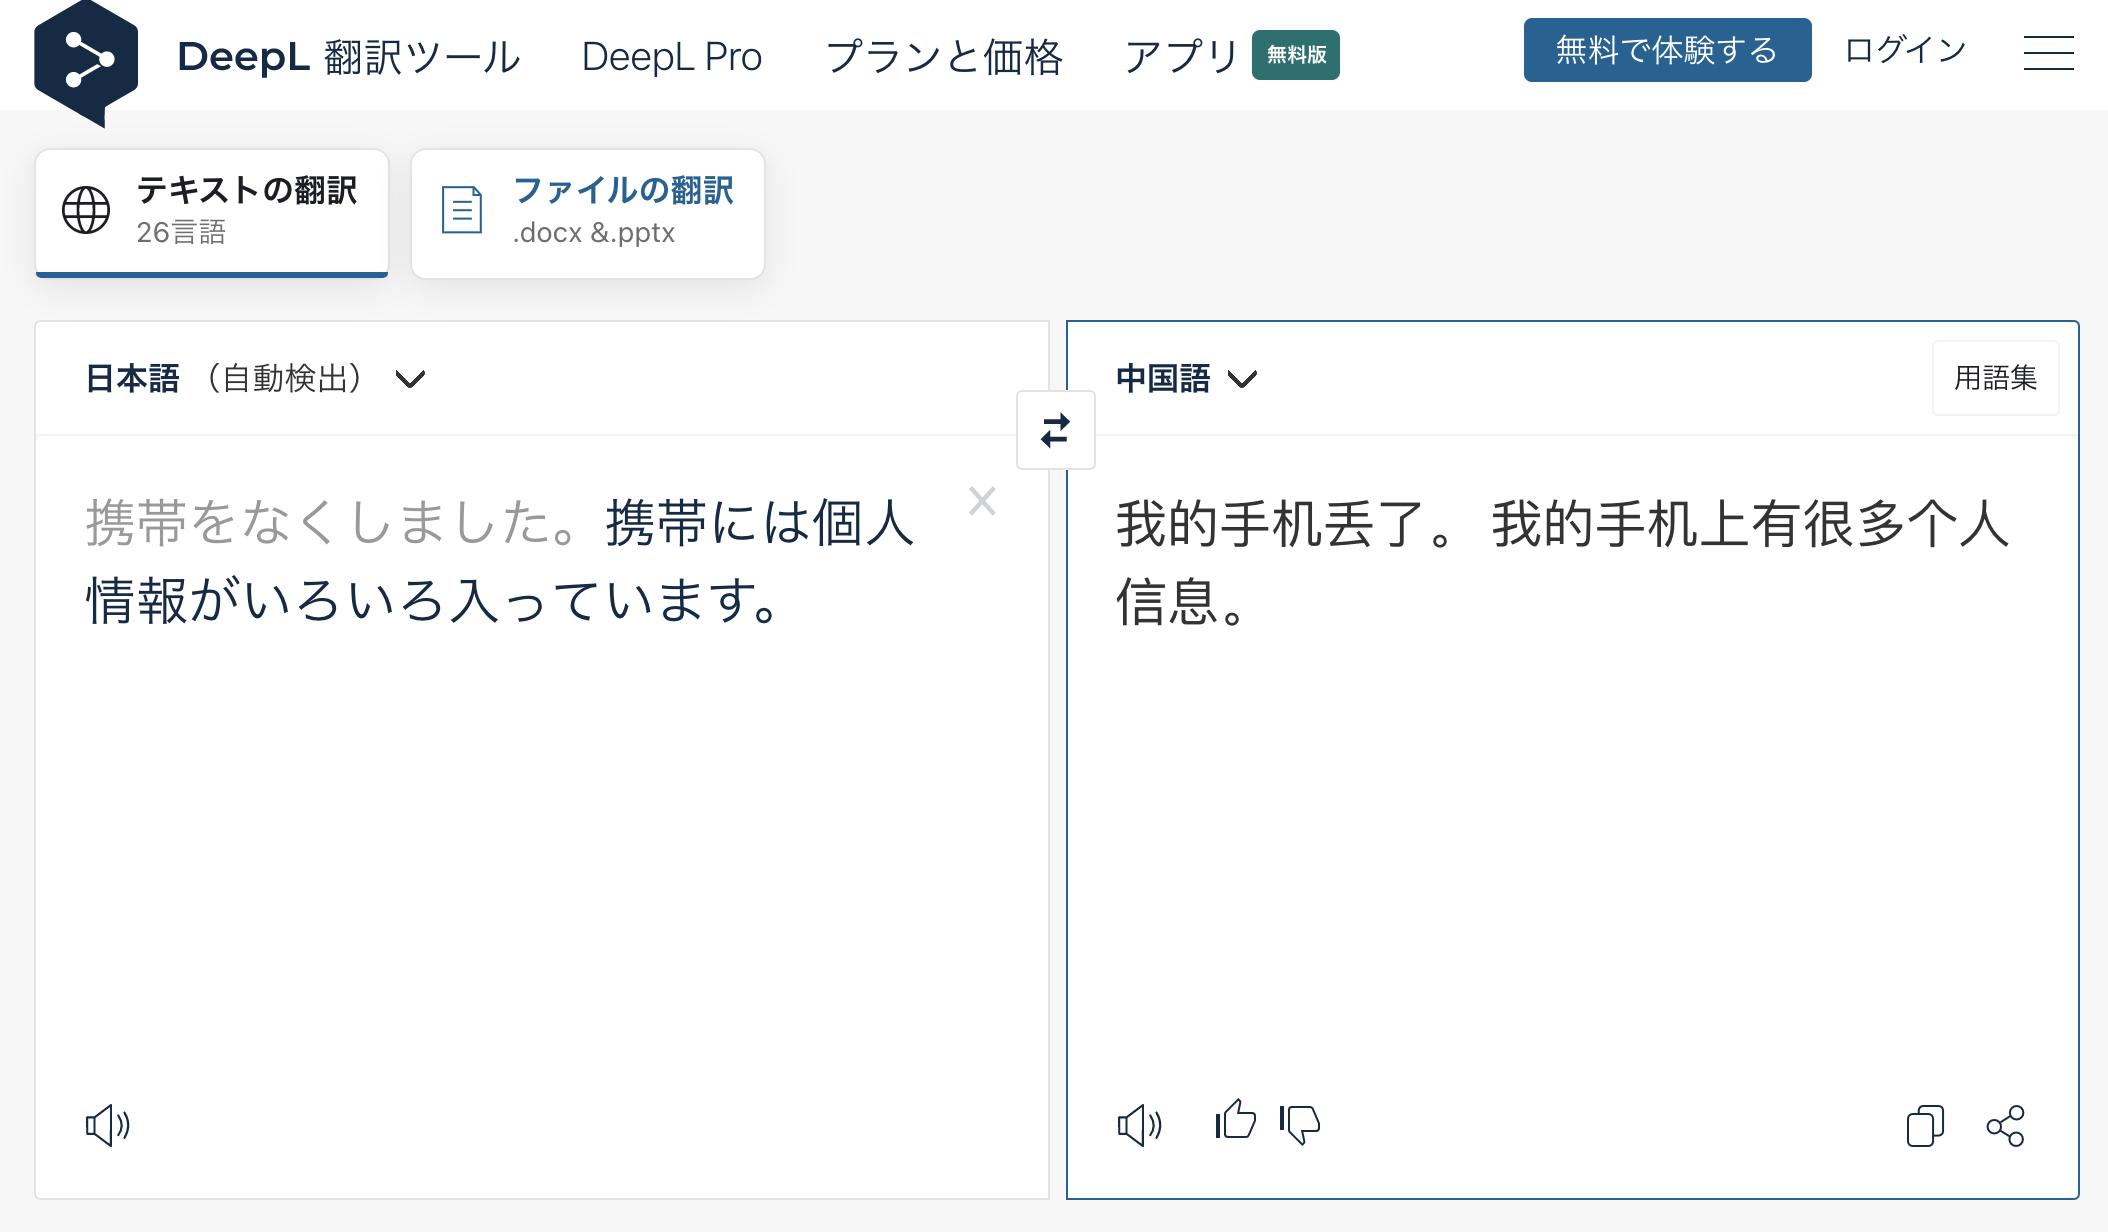 グラフィカル ユーザー インターフェイス, テキスト, アプリケーション  自動的に生成された説明